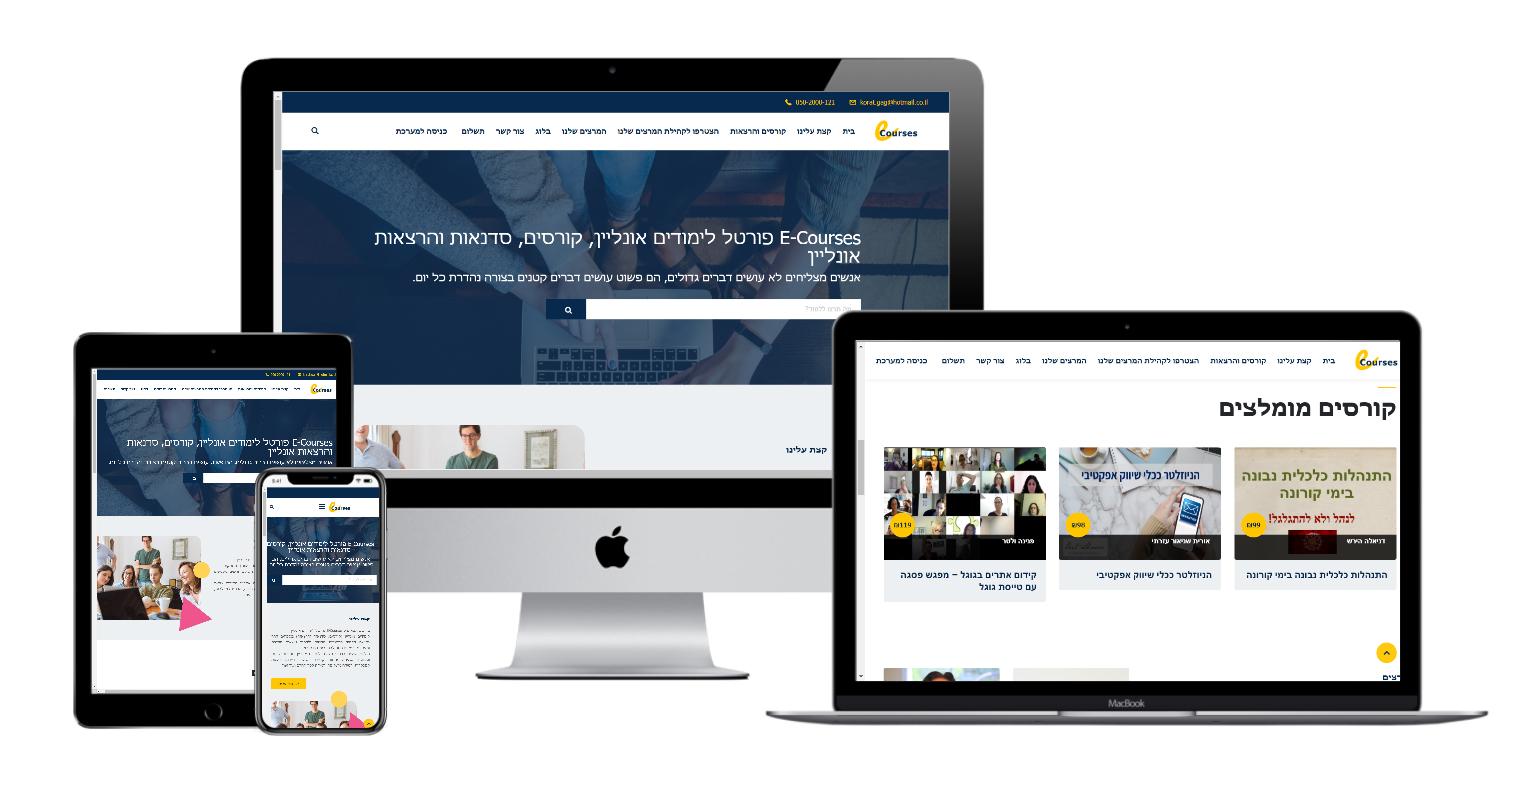 בניית אתר לקורסים דיגיטליים